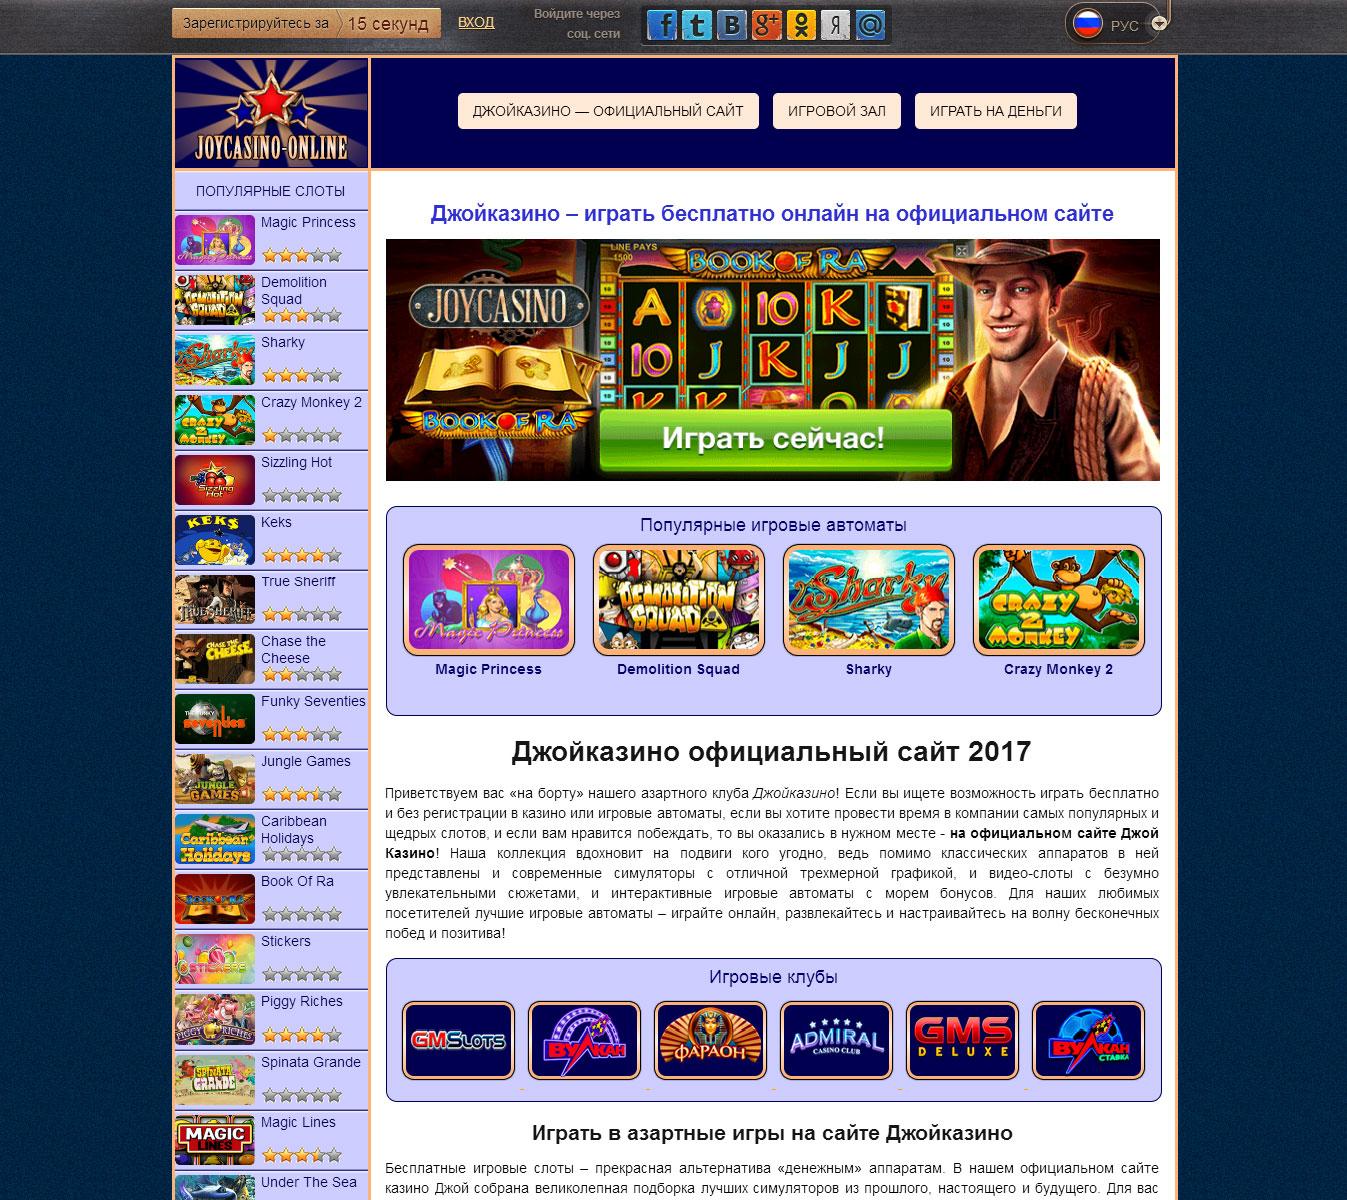 джойказино официальный сайт играть бесплатно